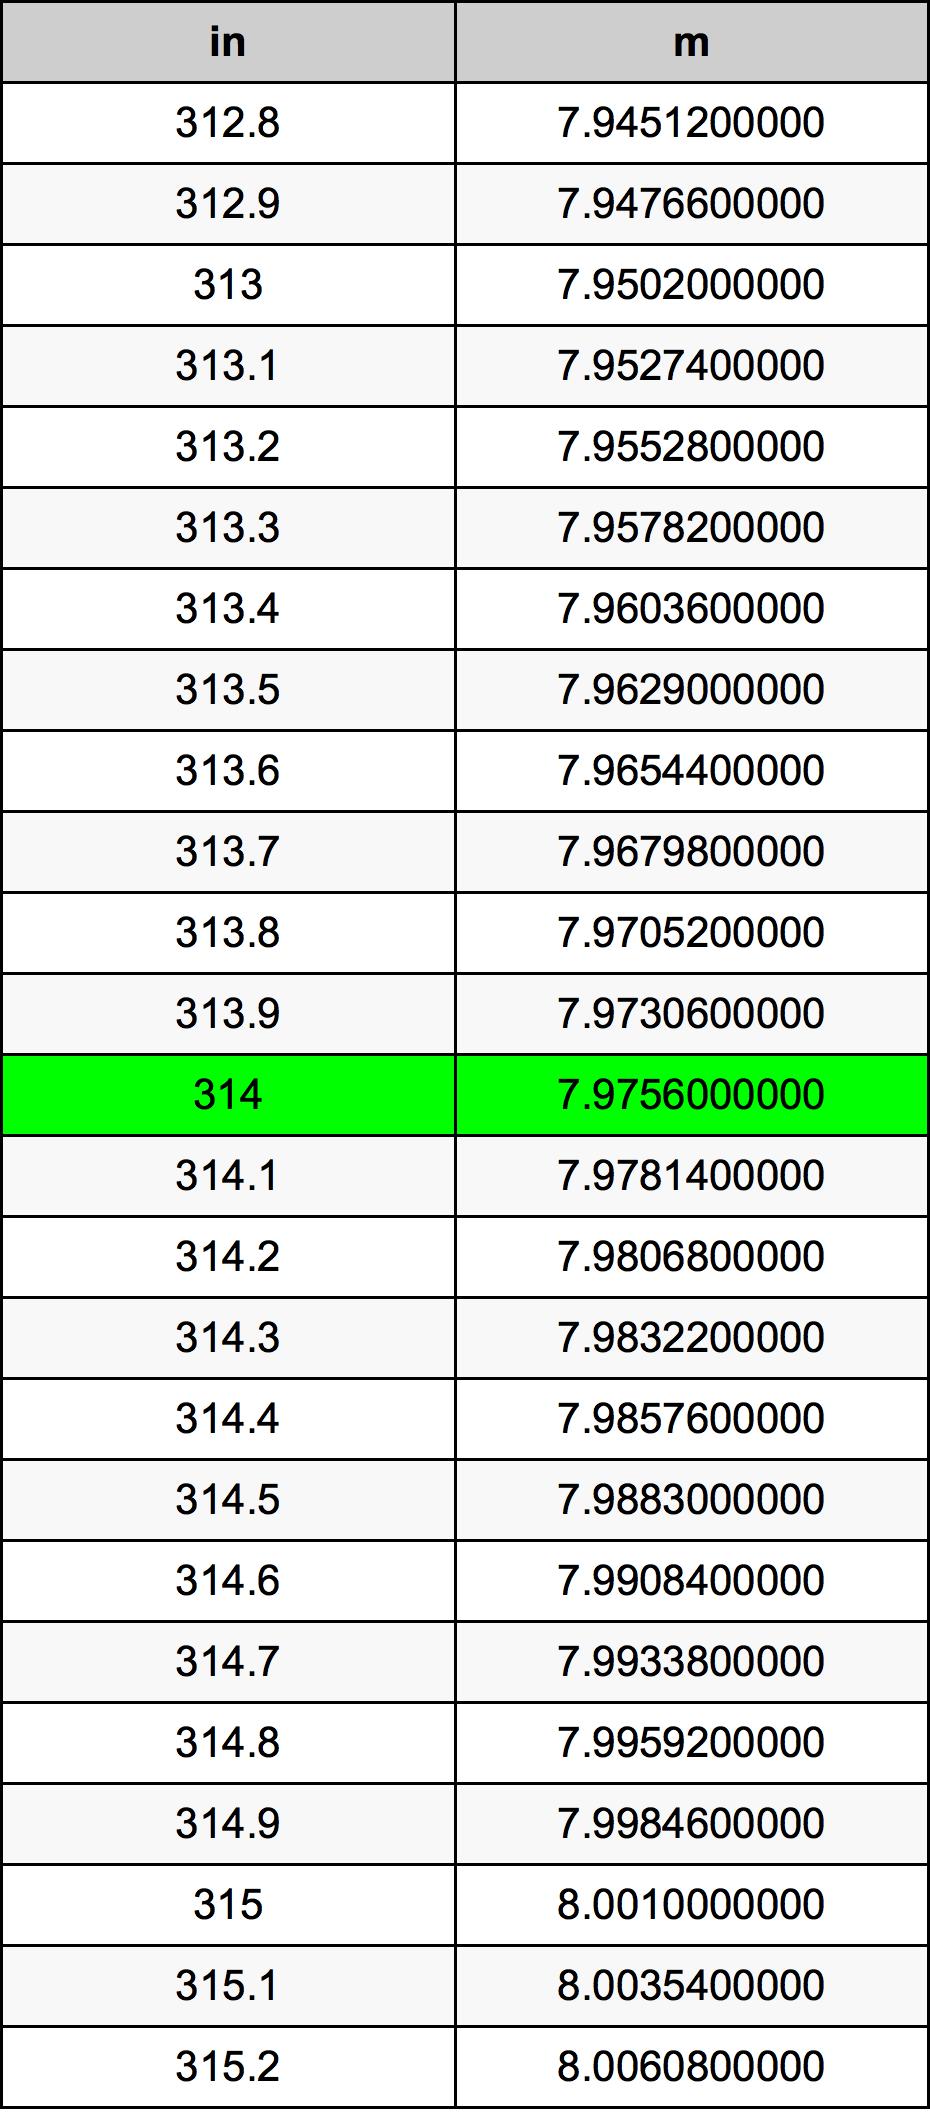 314 بوصة جدول تحويل